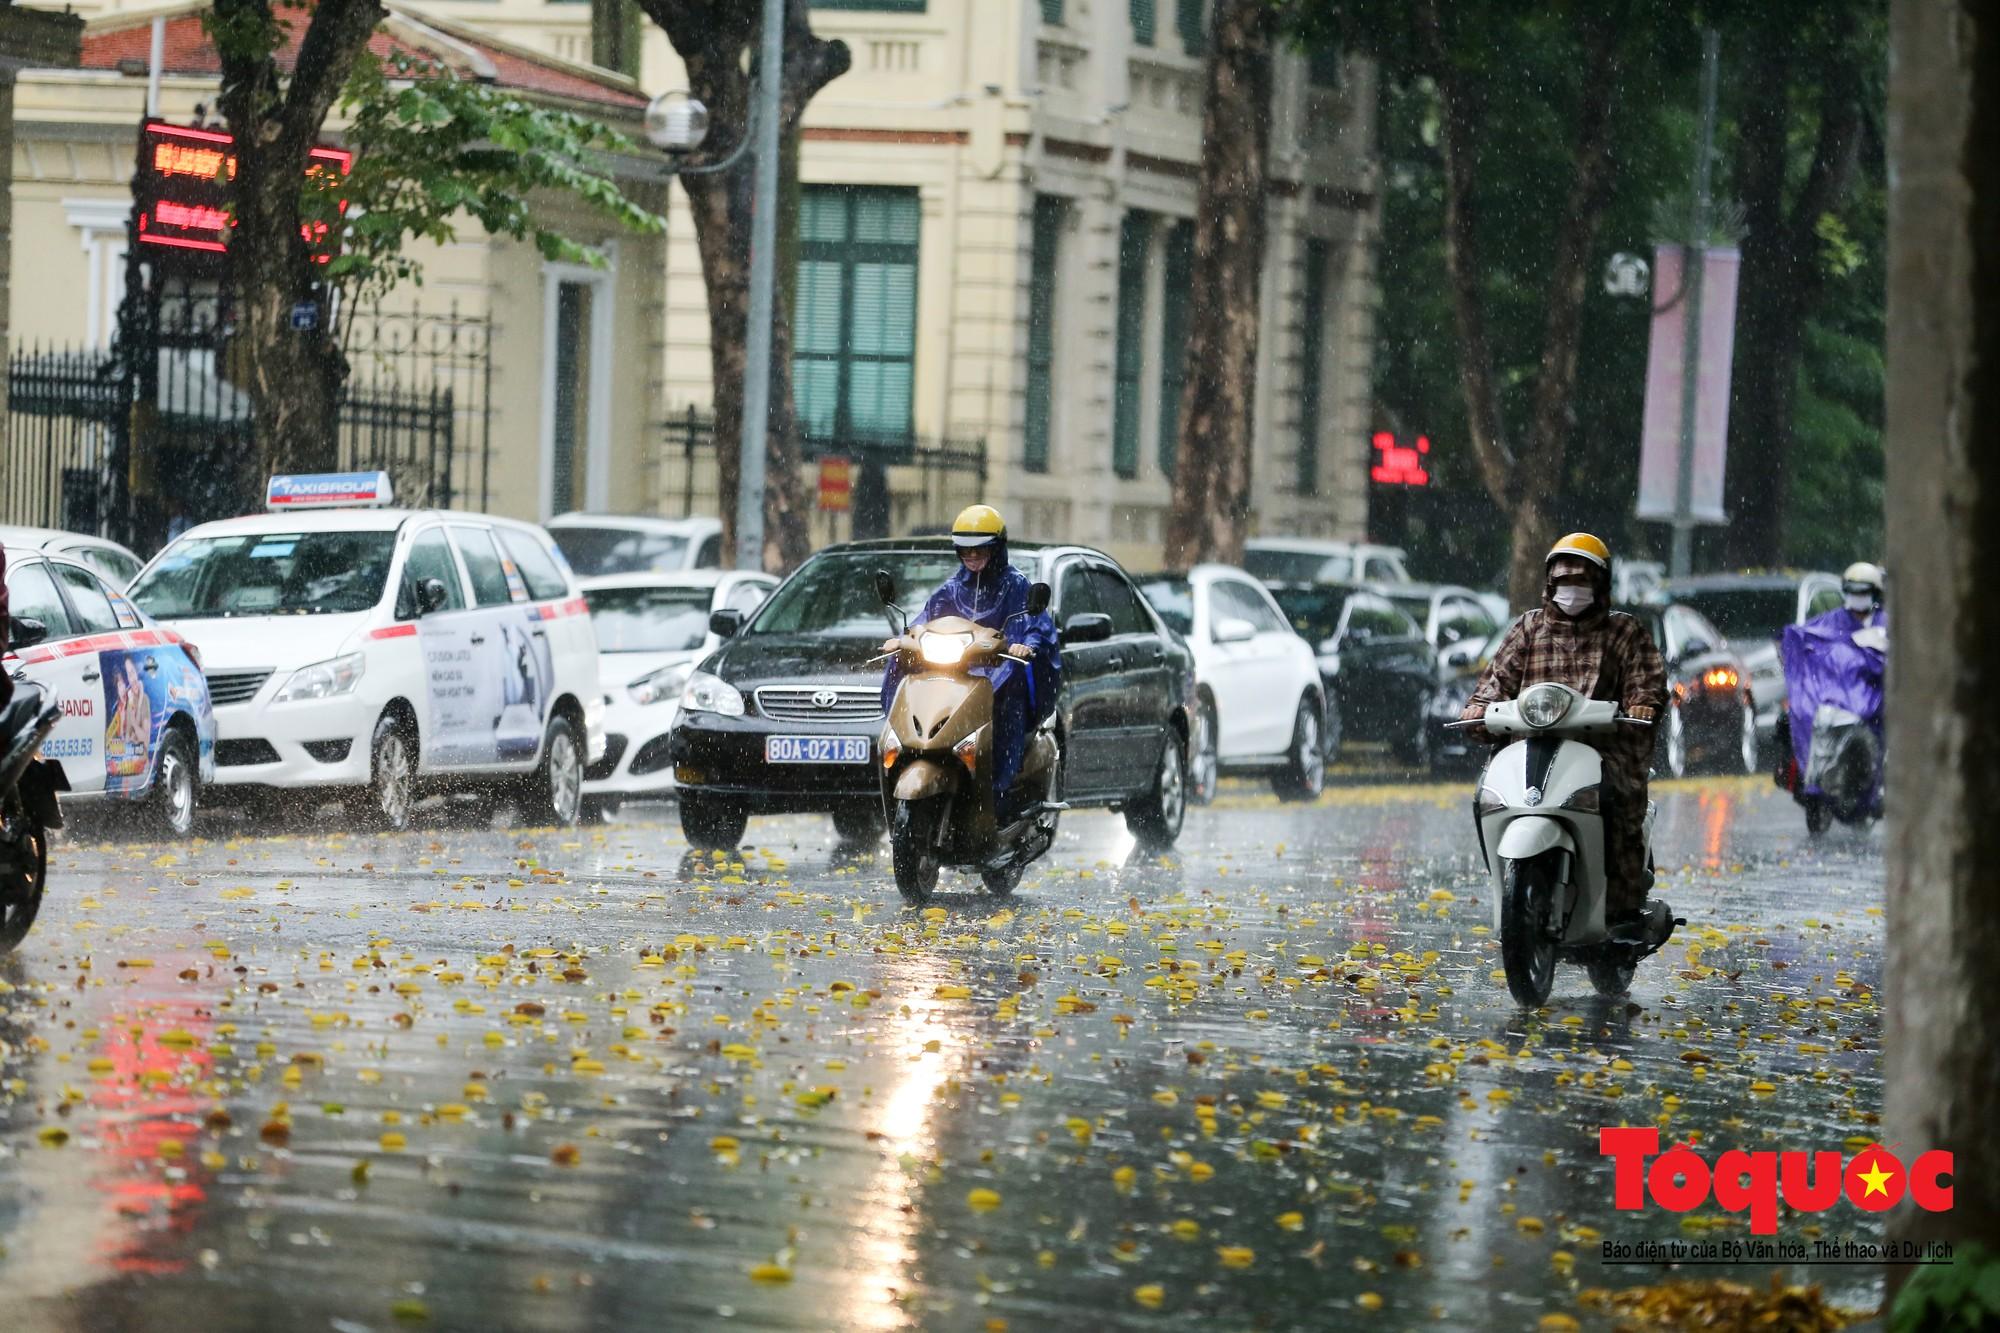 Cơn mưa lớn bất trợt khiến không khí ở thủ đô Hà Nội giảm bụi ô nhiễm nhanh chóng4